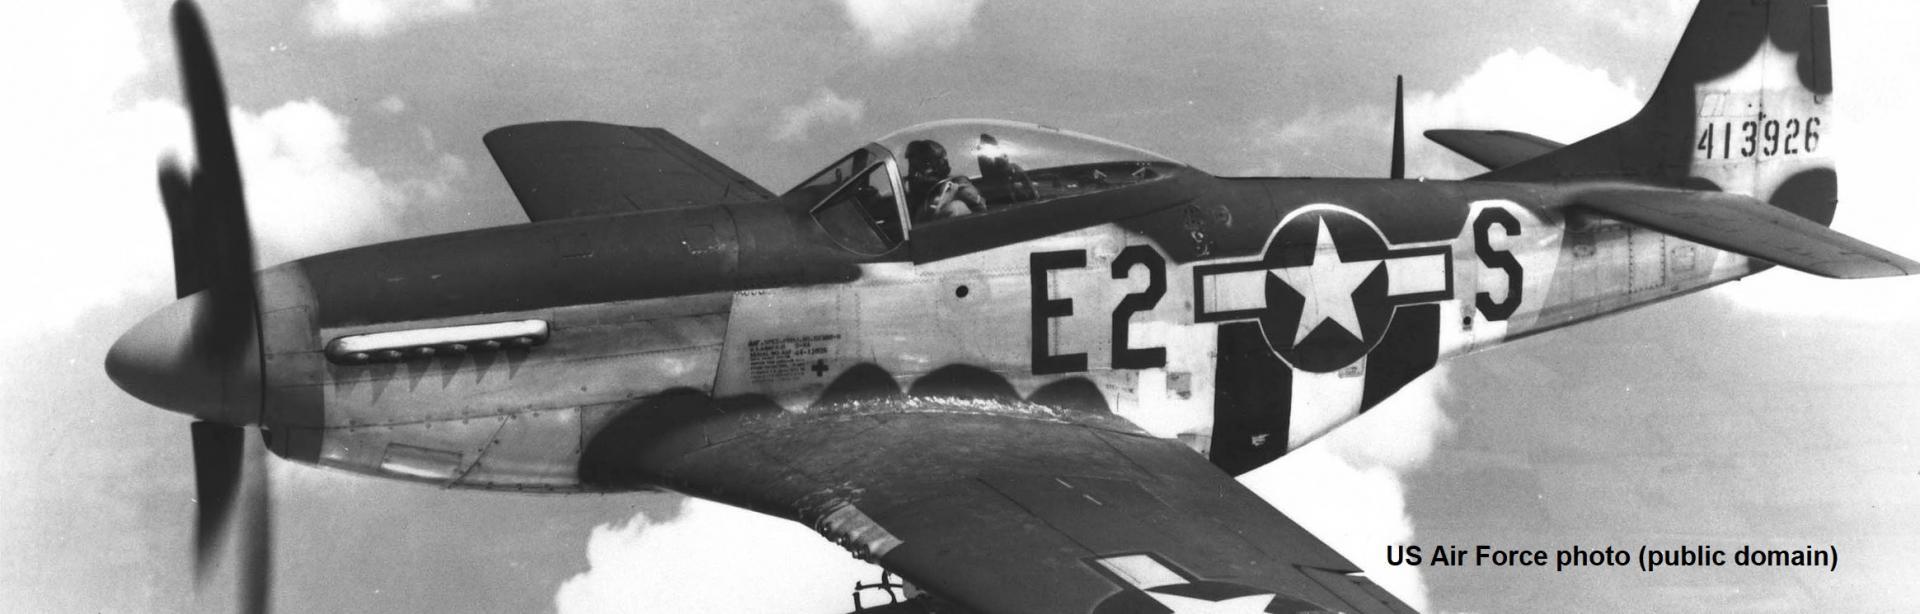 chasseurs de la 2° GM - WWII fighters